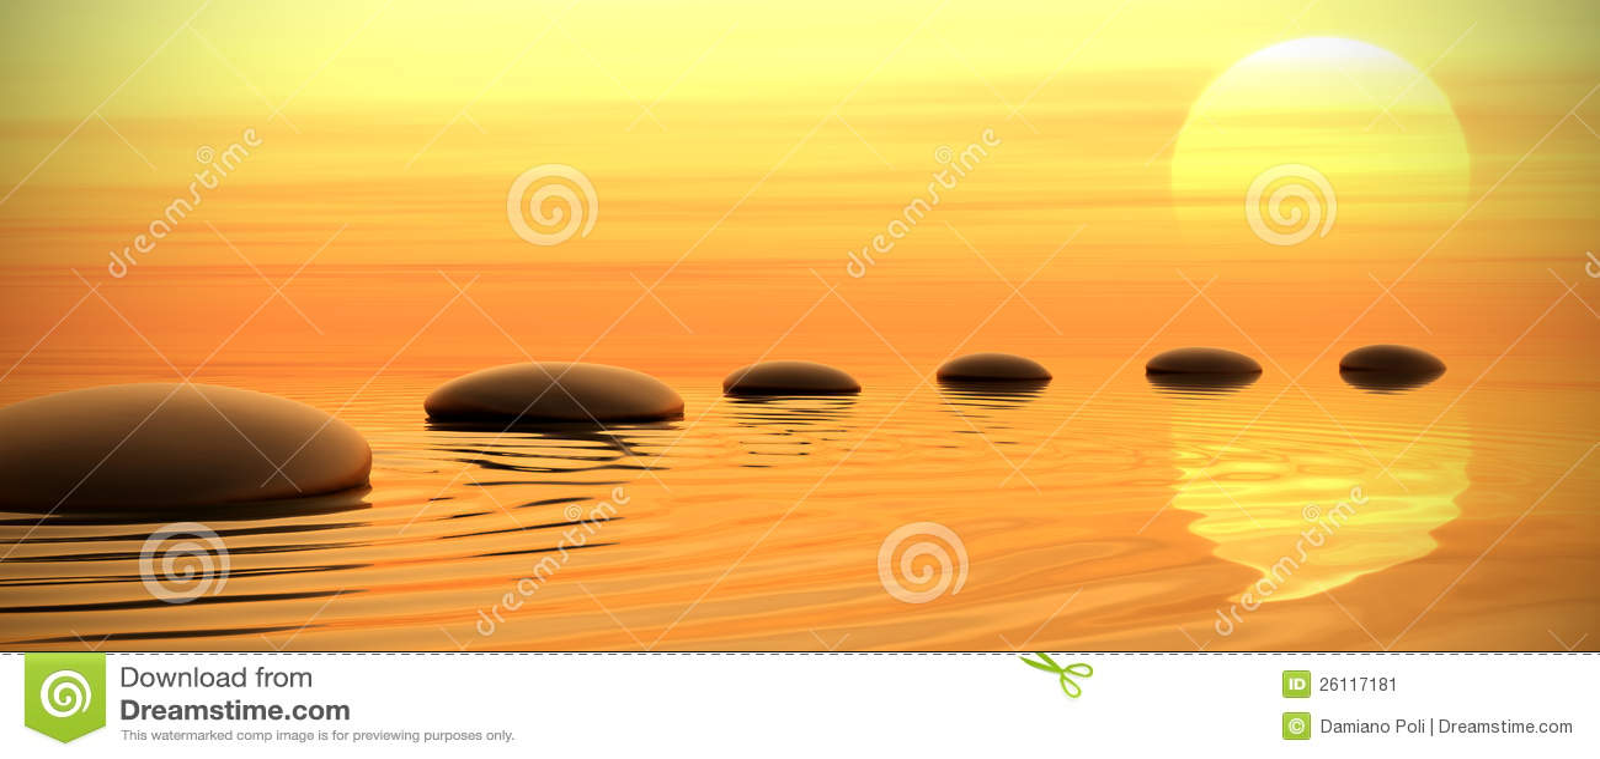 Camino del zen de piedras en puesta del sol en con for Fotos piedras zen